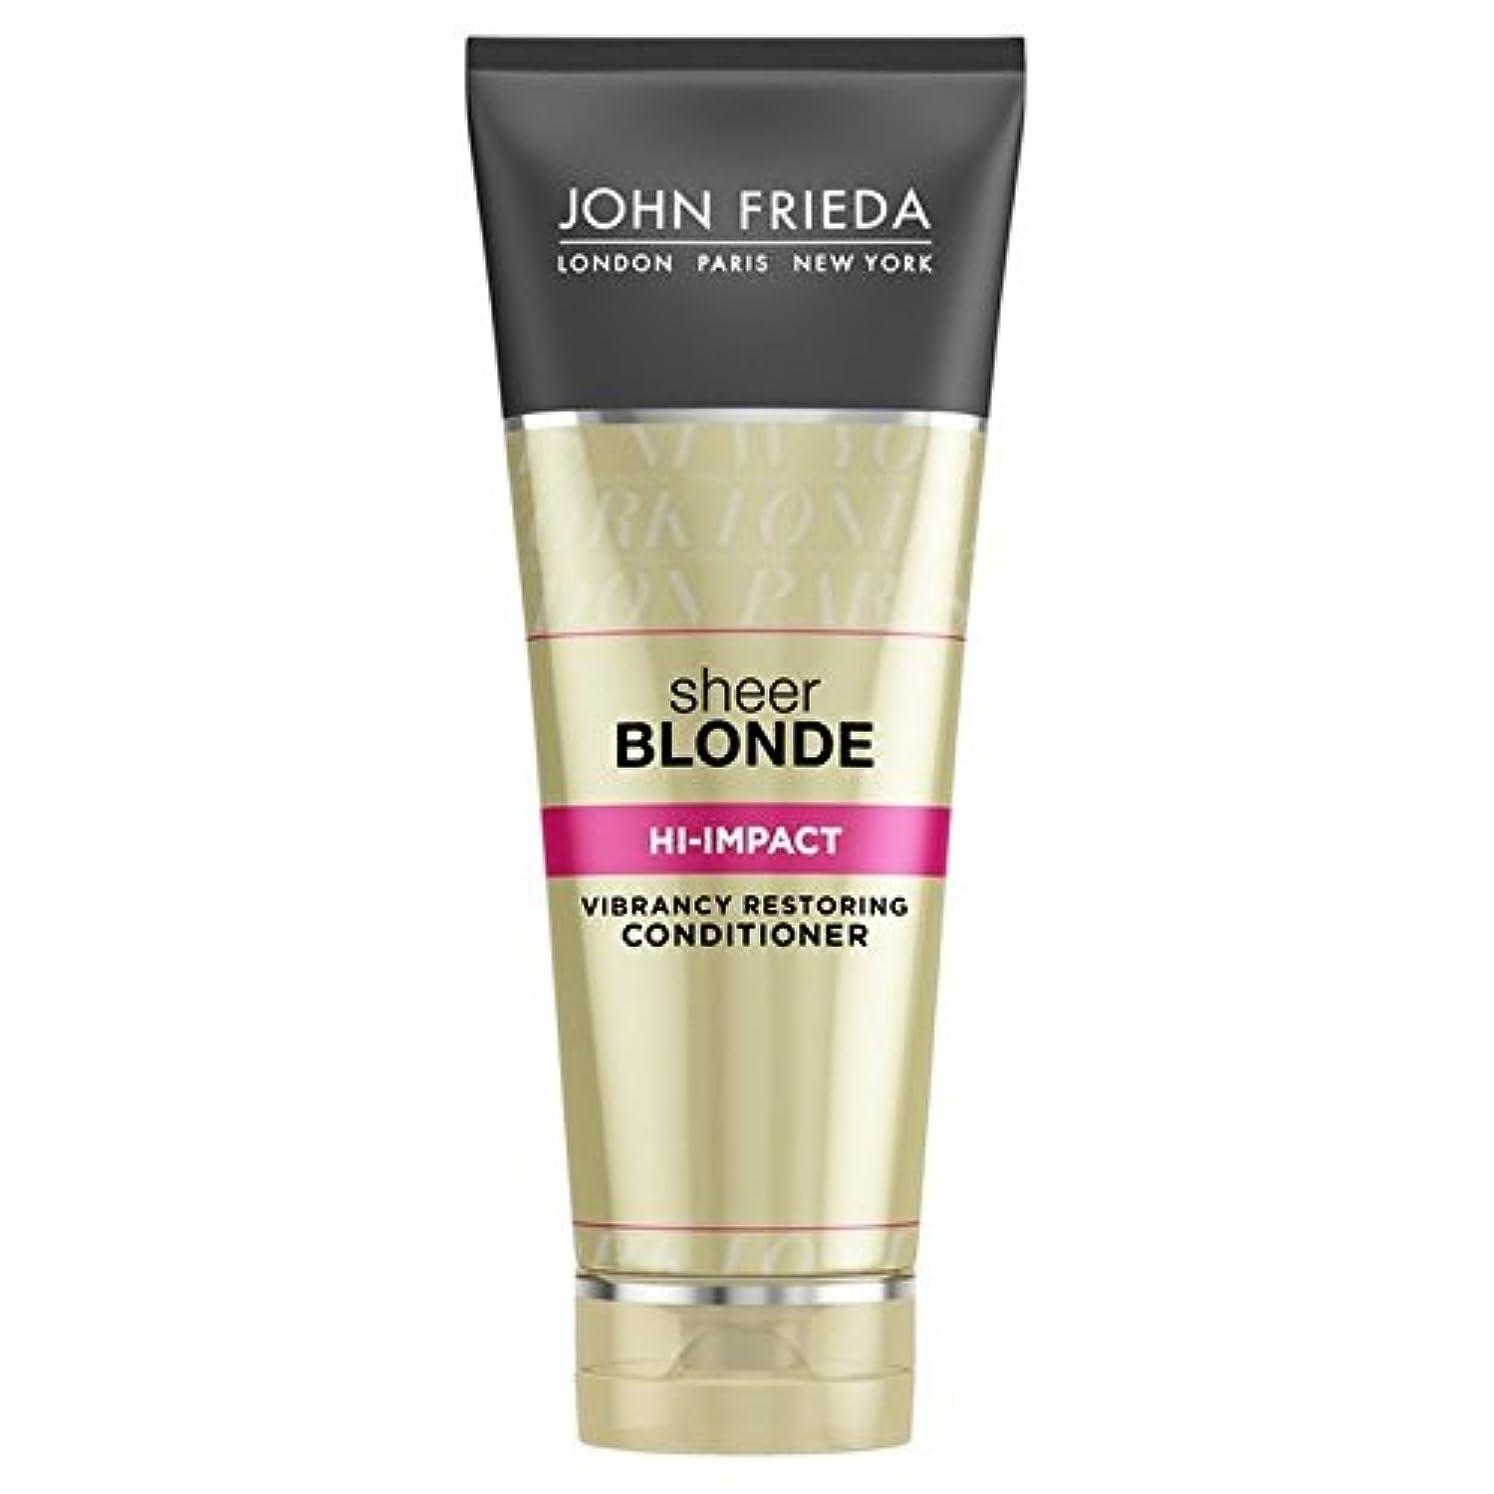 十窓を洗う無能John Frieda Sheer Blonde Hi Impact Conditioner 250ml - ジョン?フリーダ膨大なブロンドハイインパクトコンディショナー250 [並行輸入品]